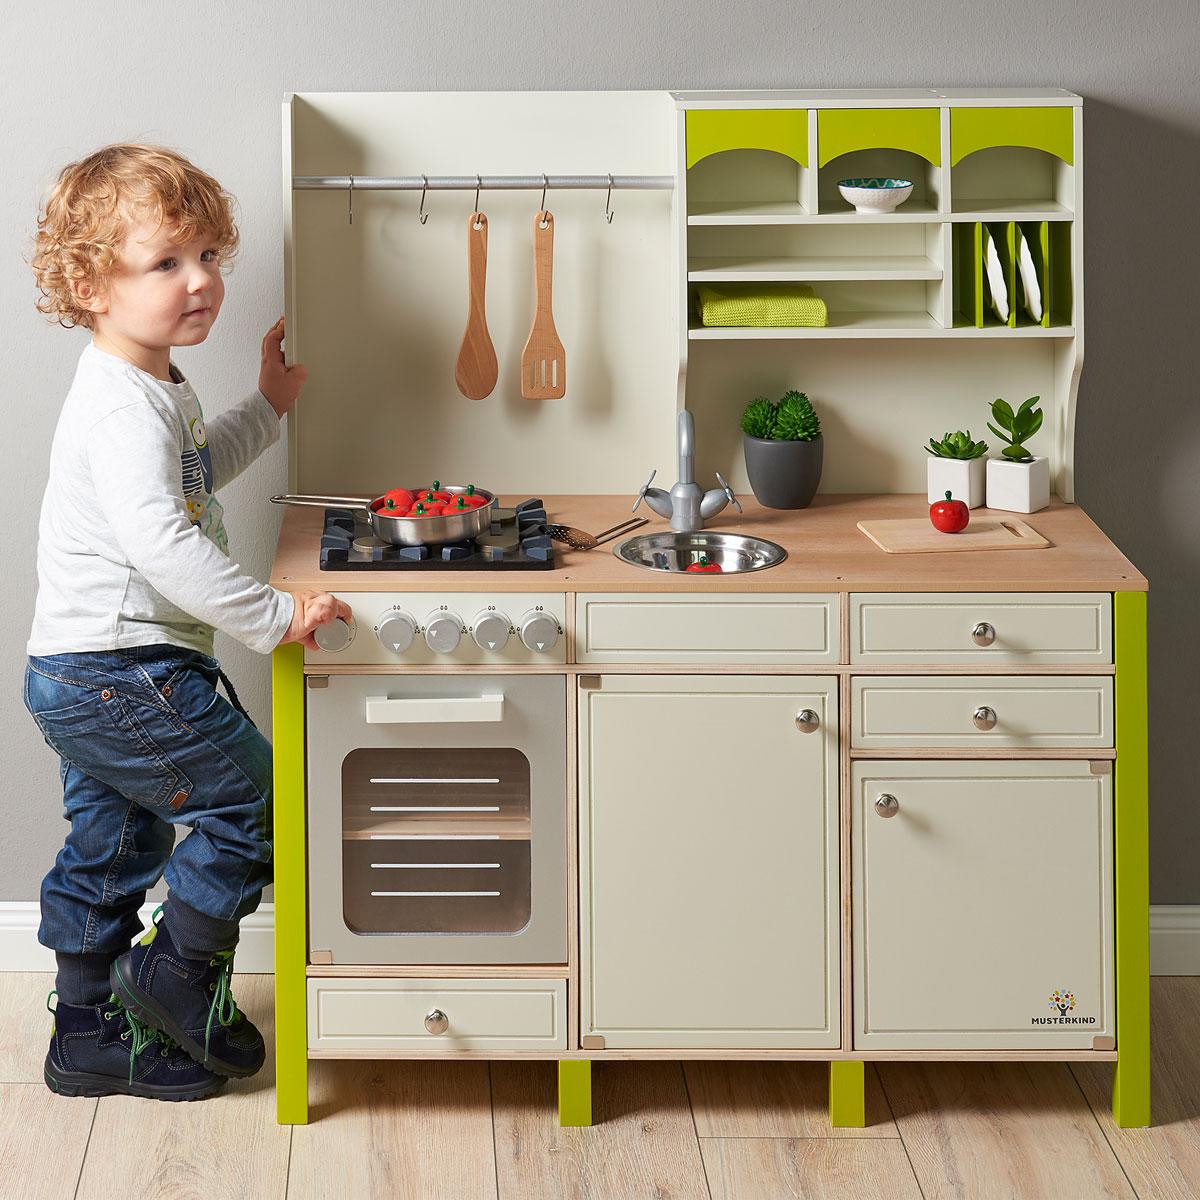 Full Size of Musterkind Spielkche Aus Holz Salvia Creme Grn Kinder Spielküche Wohnzimmer Spielküche